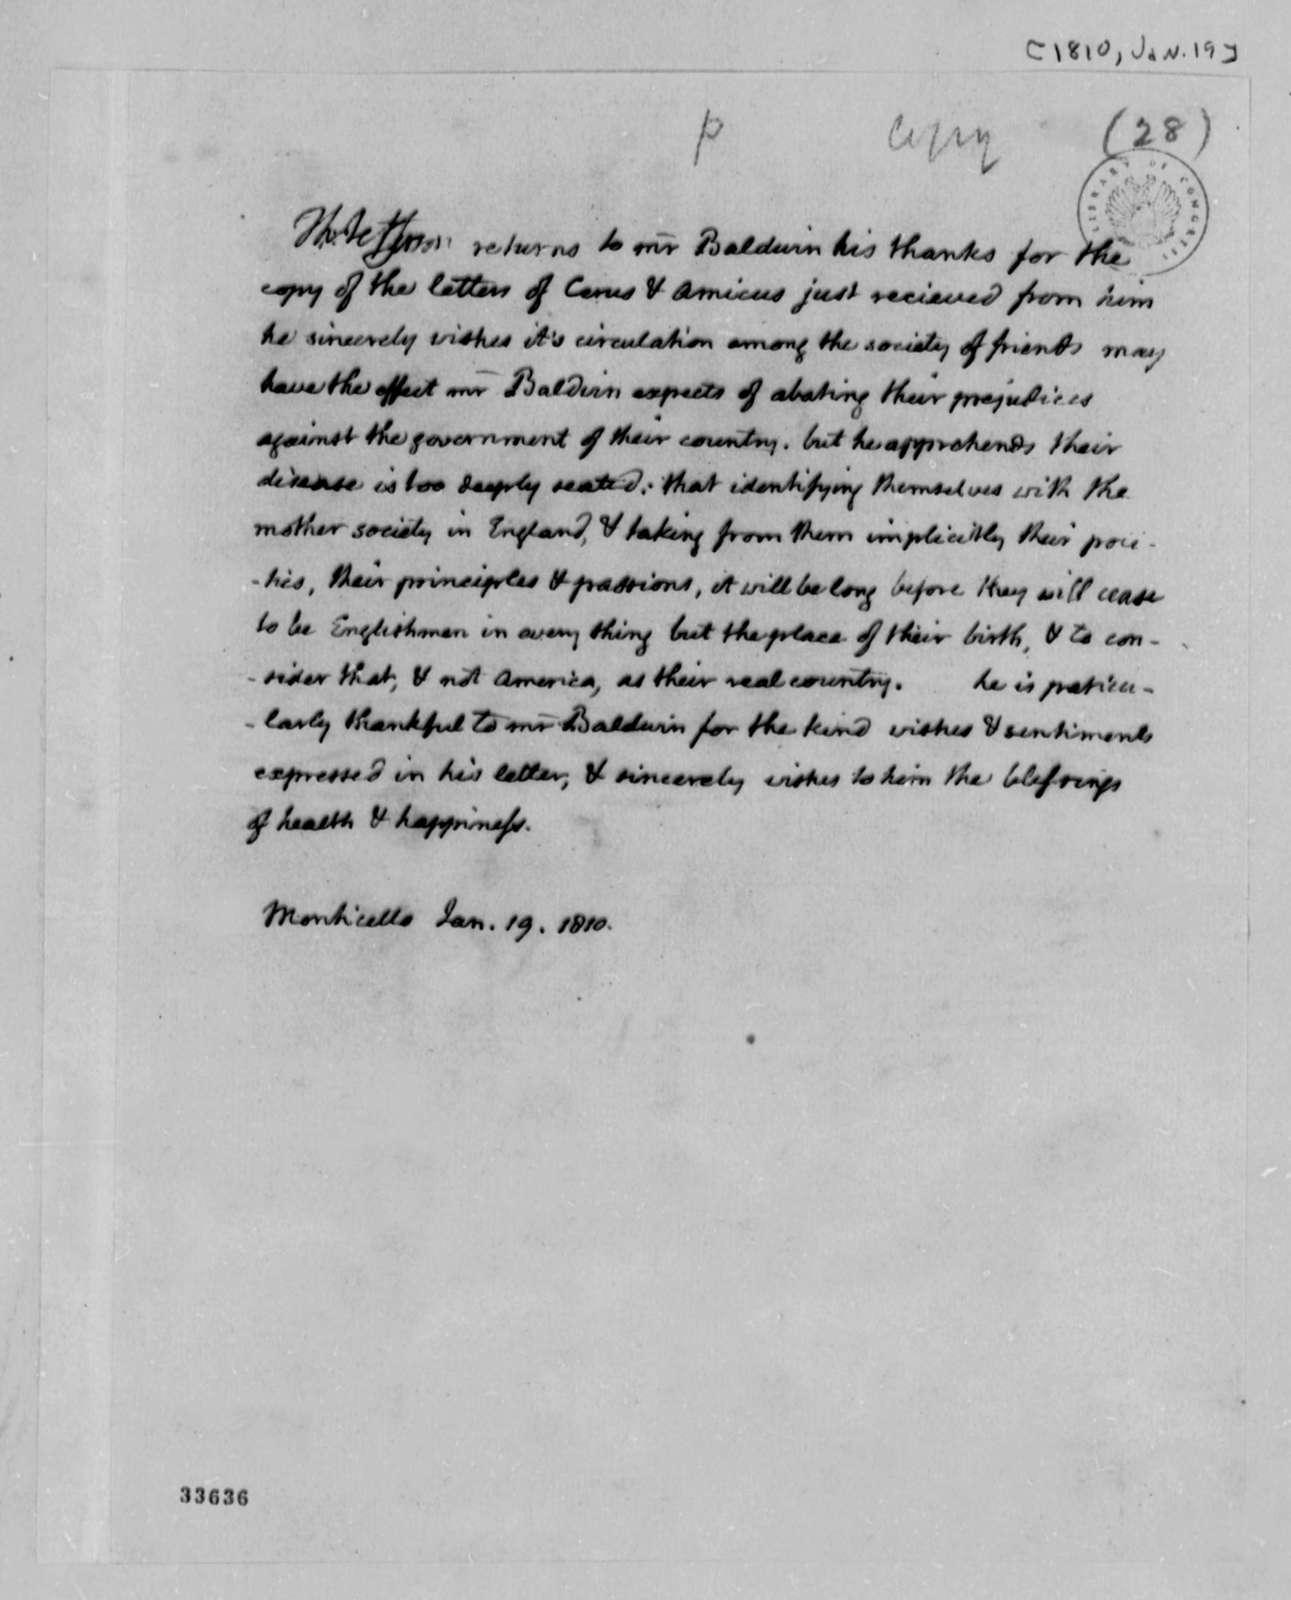 Thomas Jefferson to William Baldwin, January 19, 1810